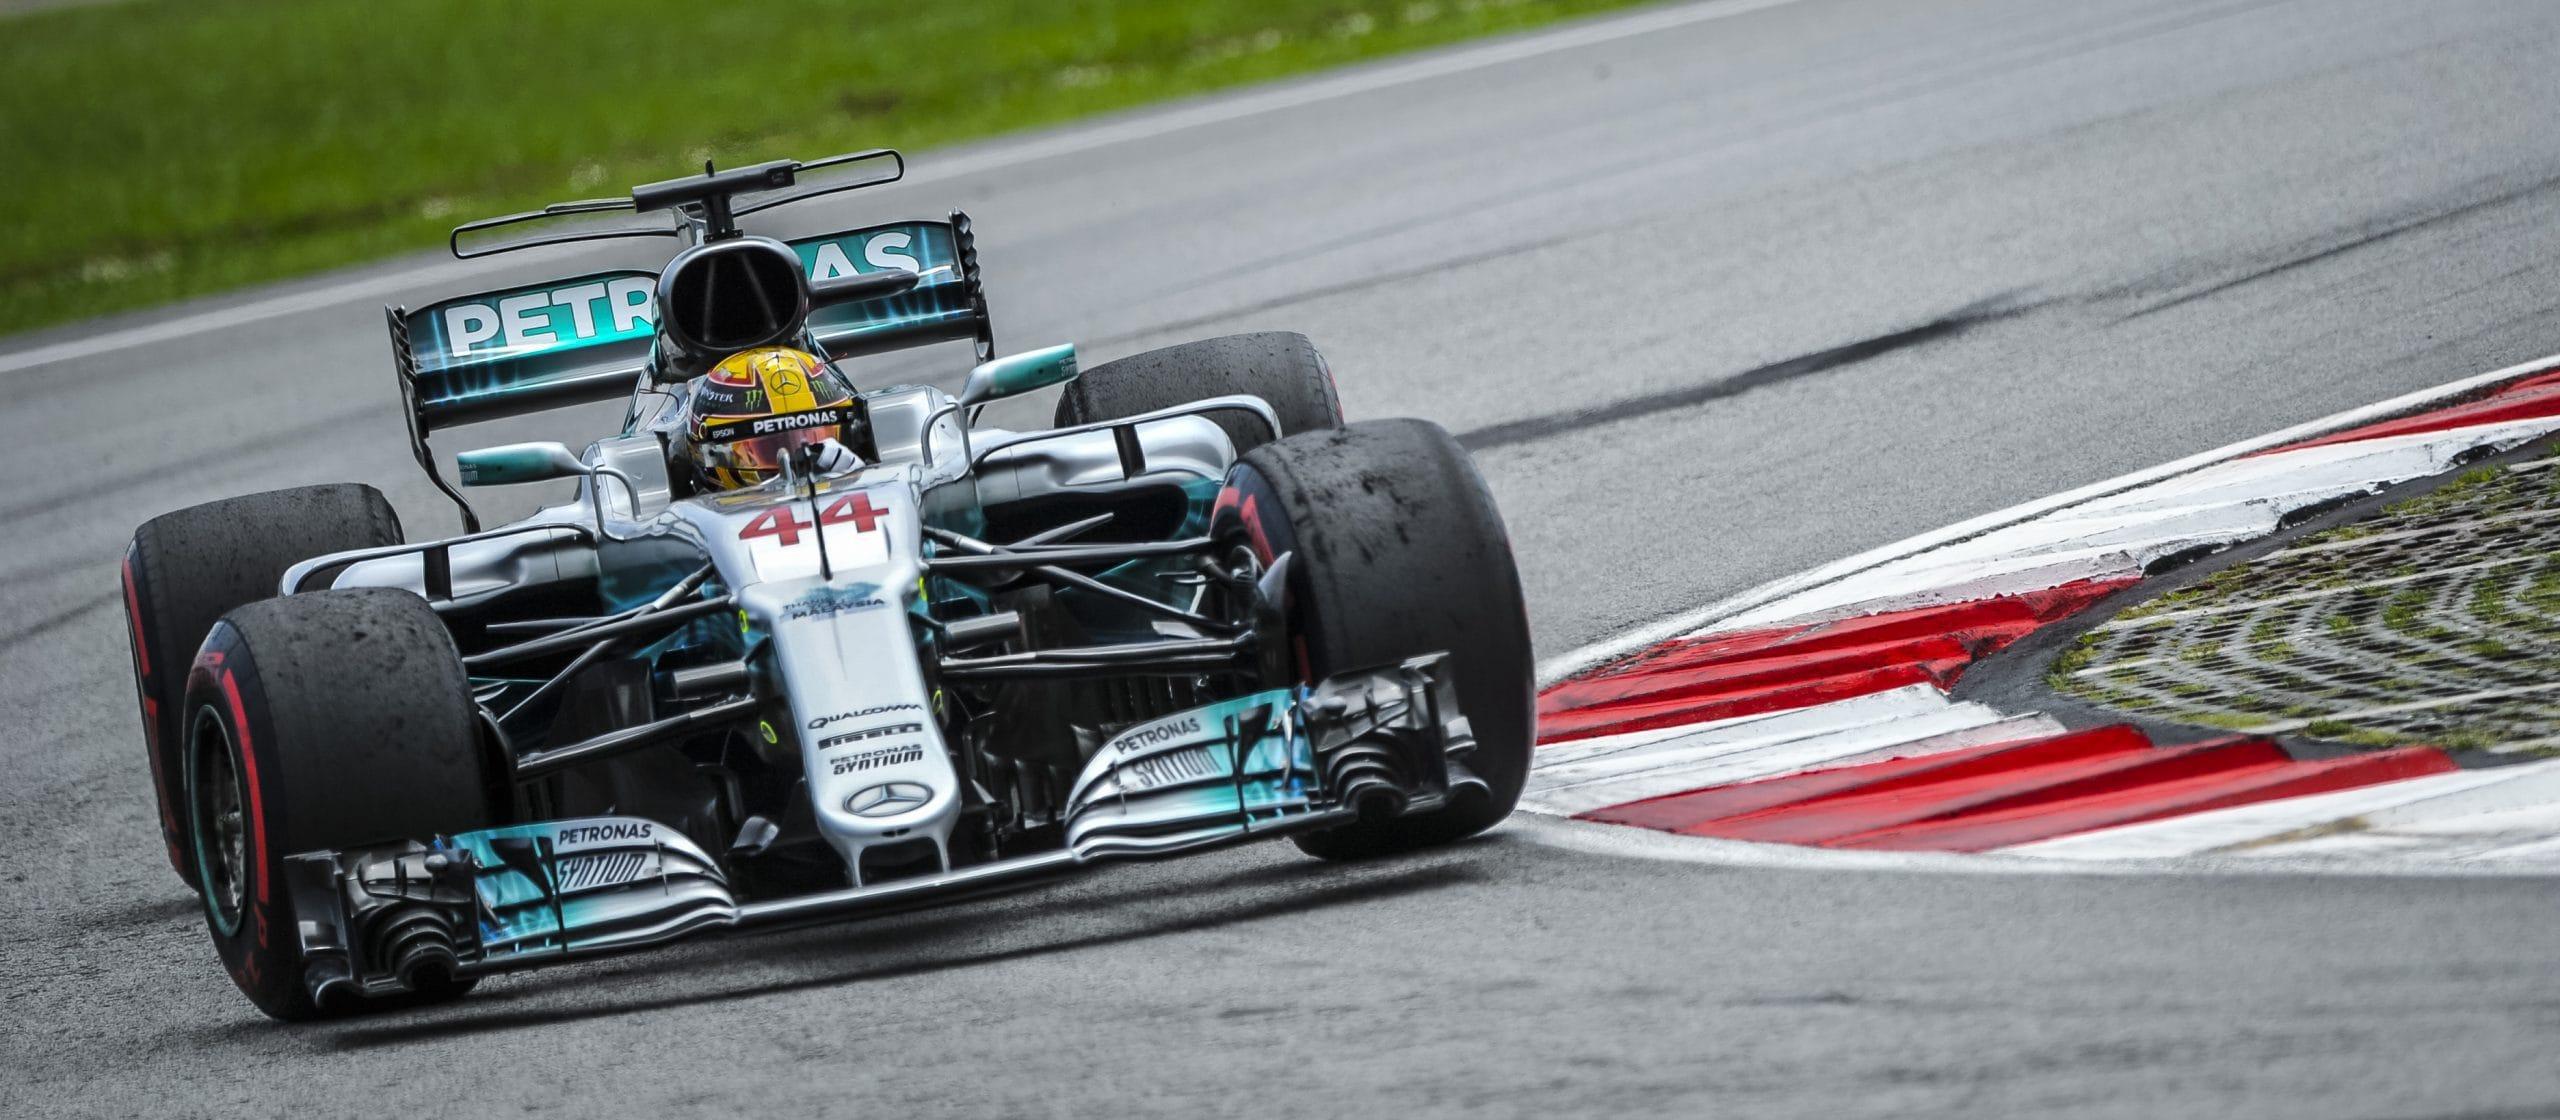 FTX wird Formel-1-Sponsor bei Mercedes-AMG   BTC-ECHO